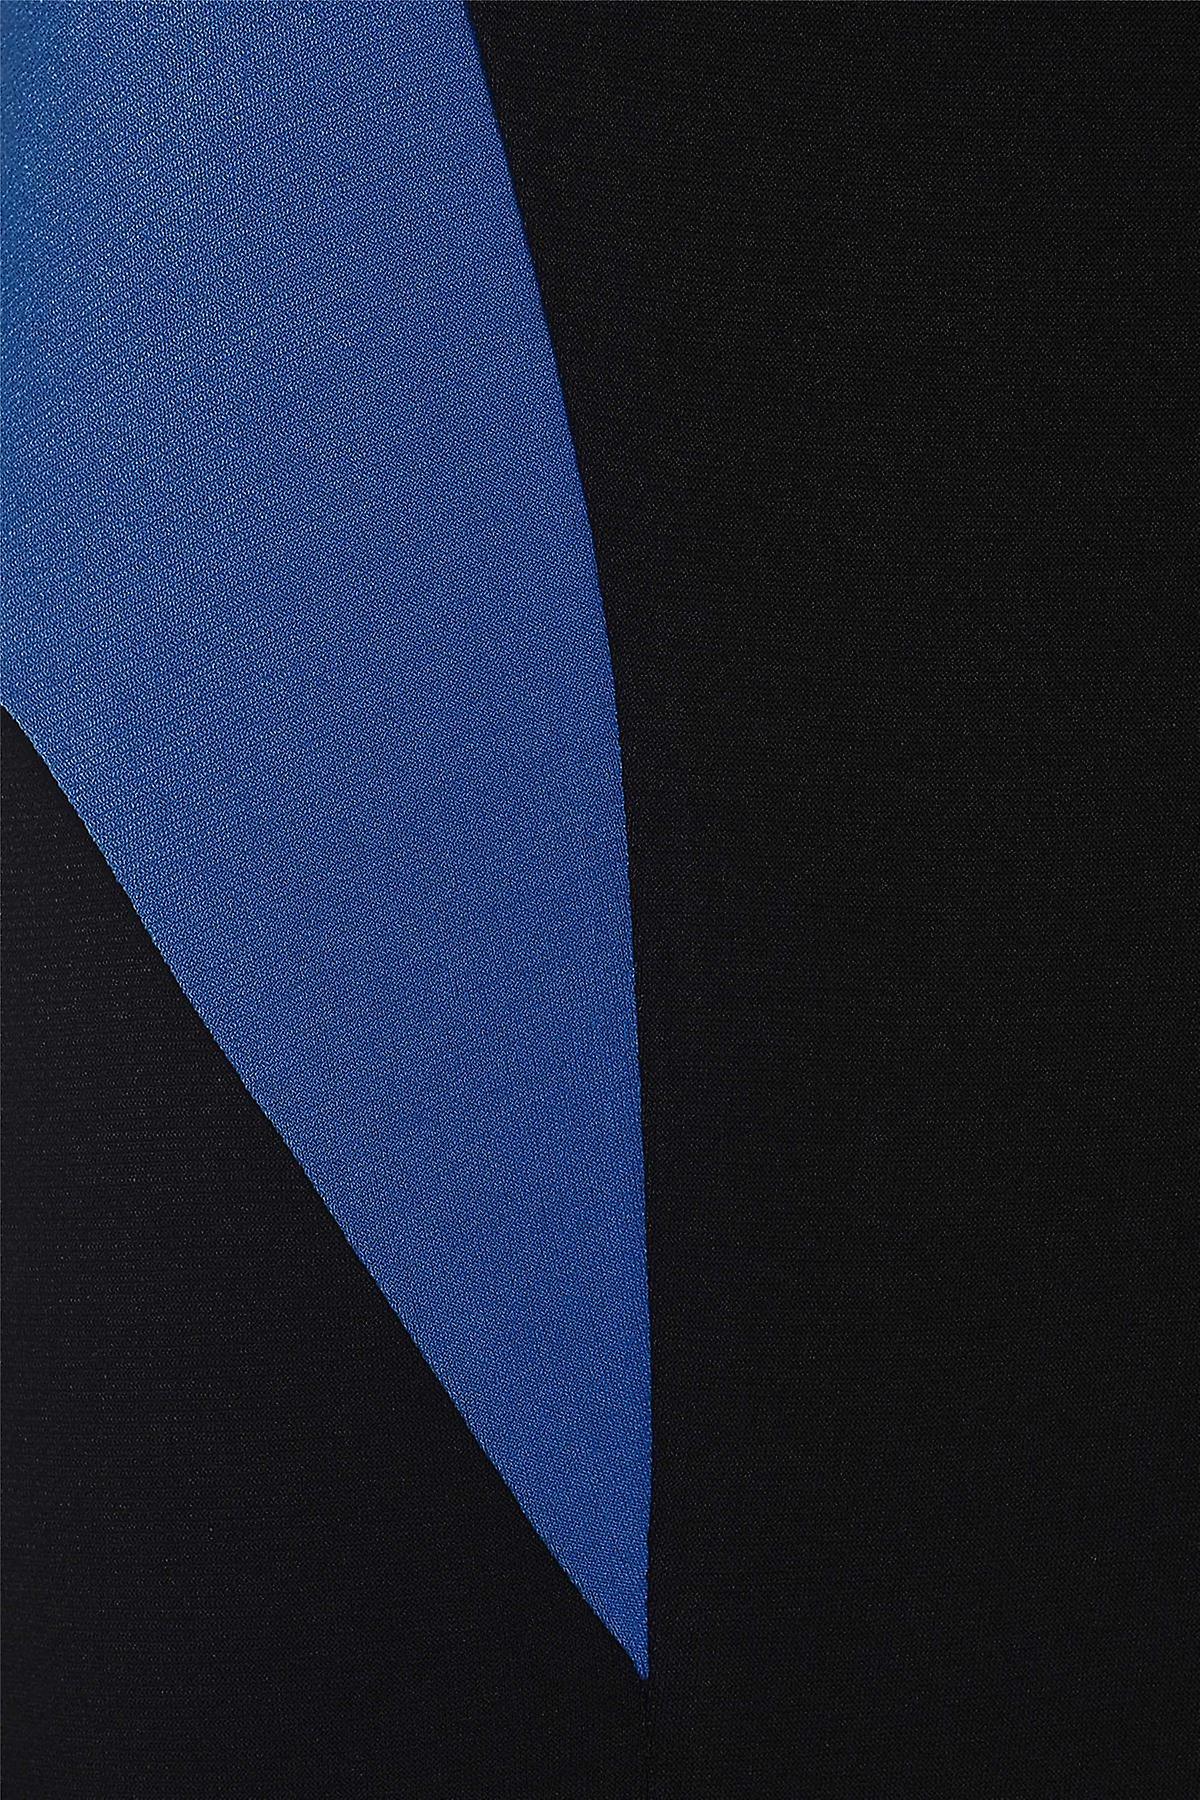 Blue on Black Colour Block Bodycon Dress DR723-10